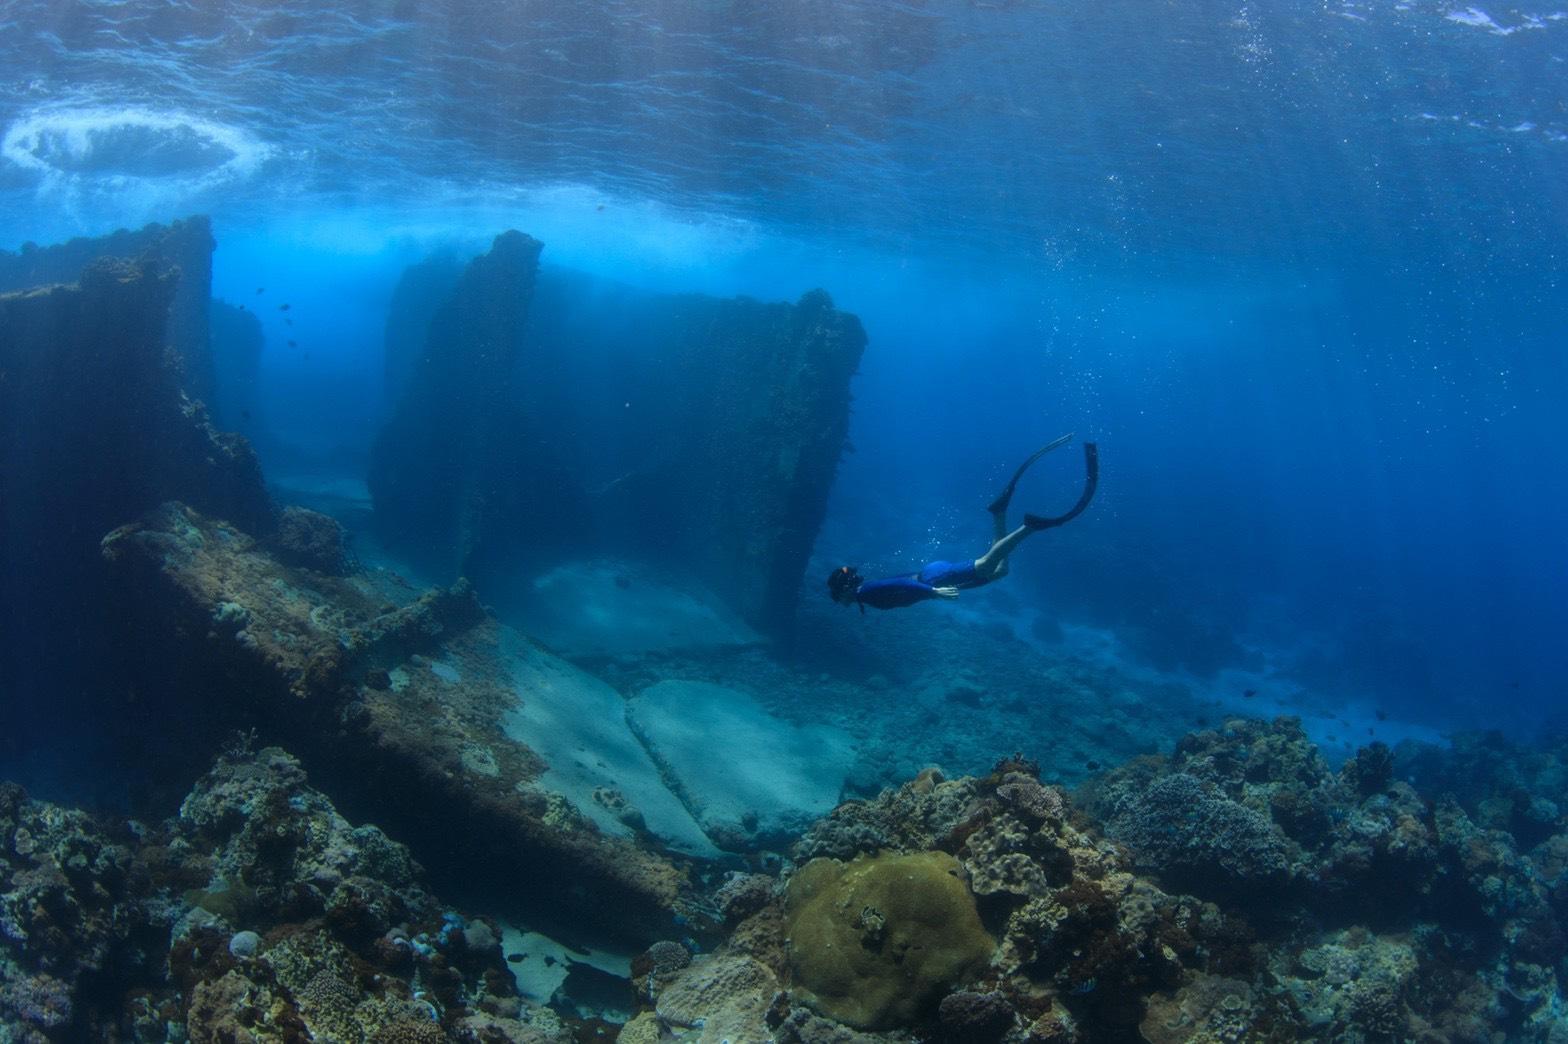 ▲前往亞特蘭提斯潛水,綠島海底之美令陳仲熙著迷。